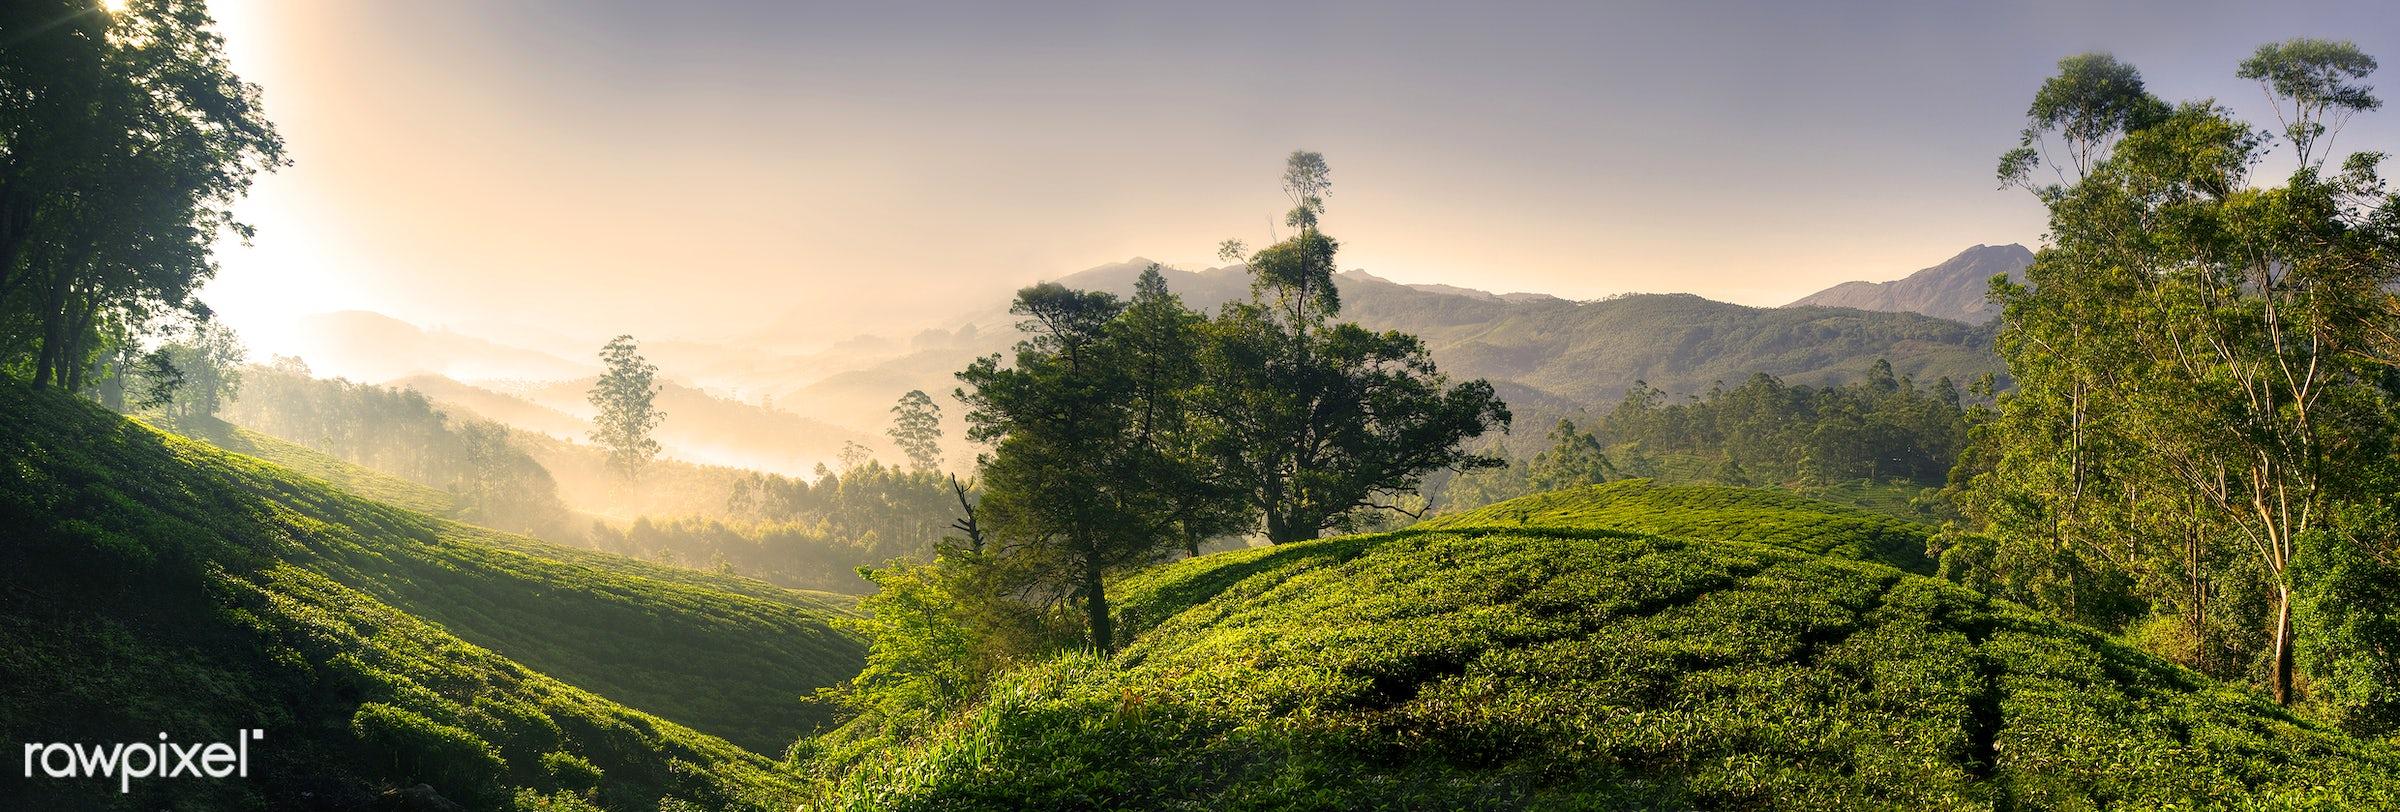 Panorama of a tea plantation at sunrise, Kerela, India - landscape, mountain, forest, tree, plant, field, nature, farm, sky...